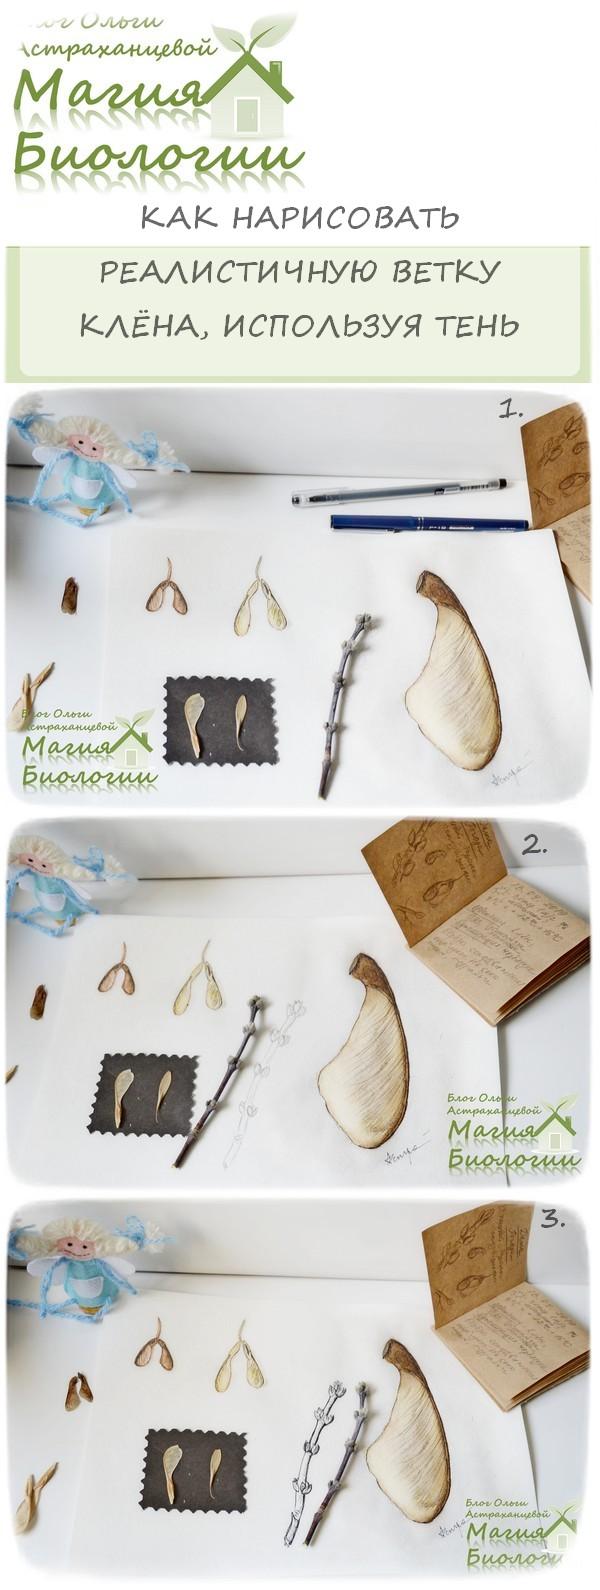 ботаническая-иллюстрация-дневник-наблюдений-крылатки-клена-ветка-клена